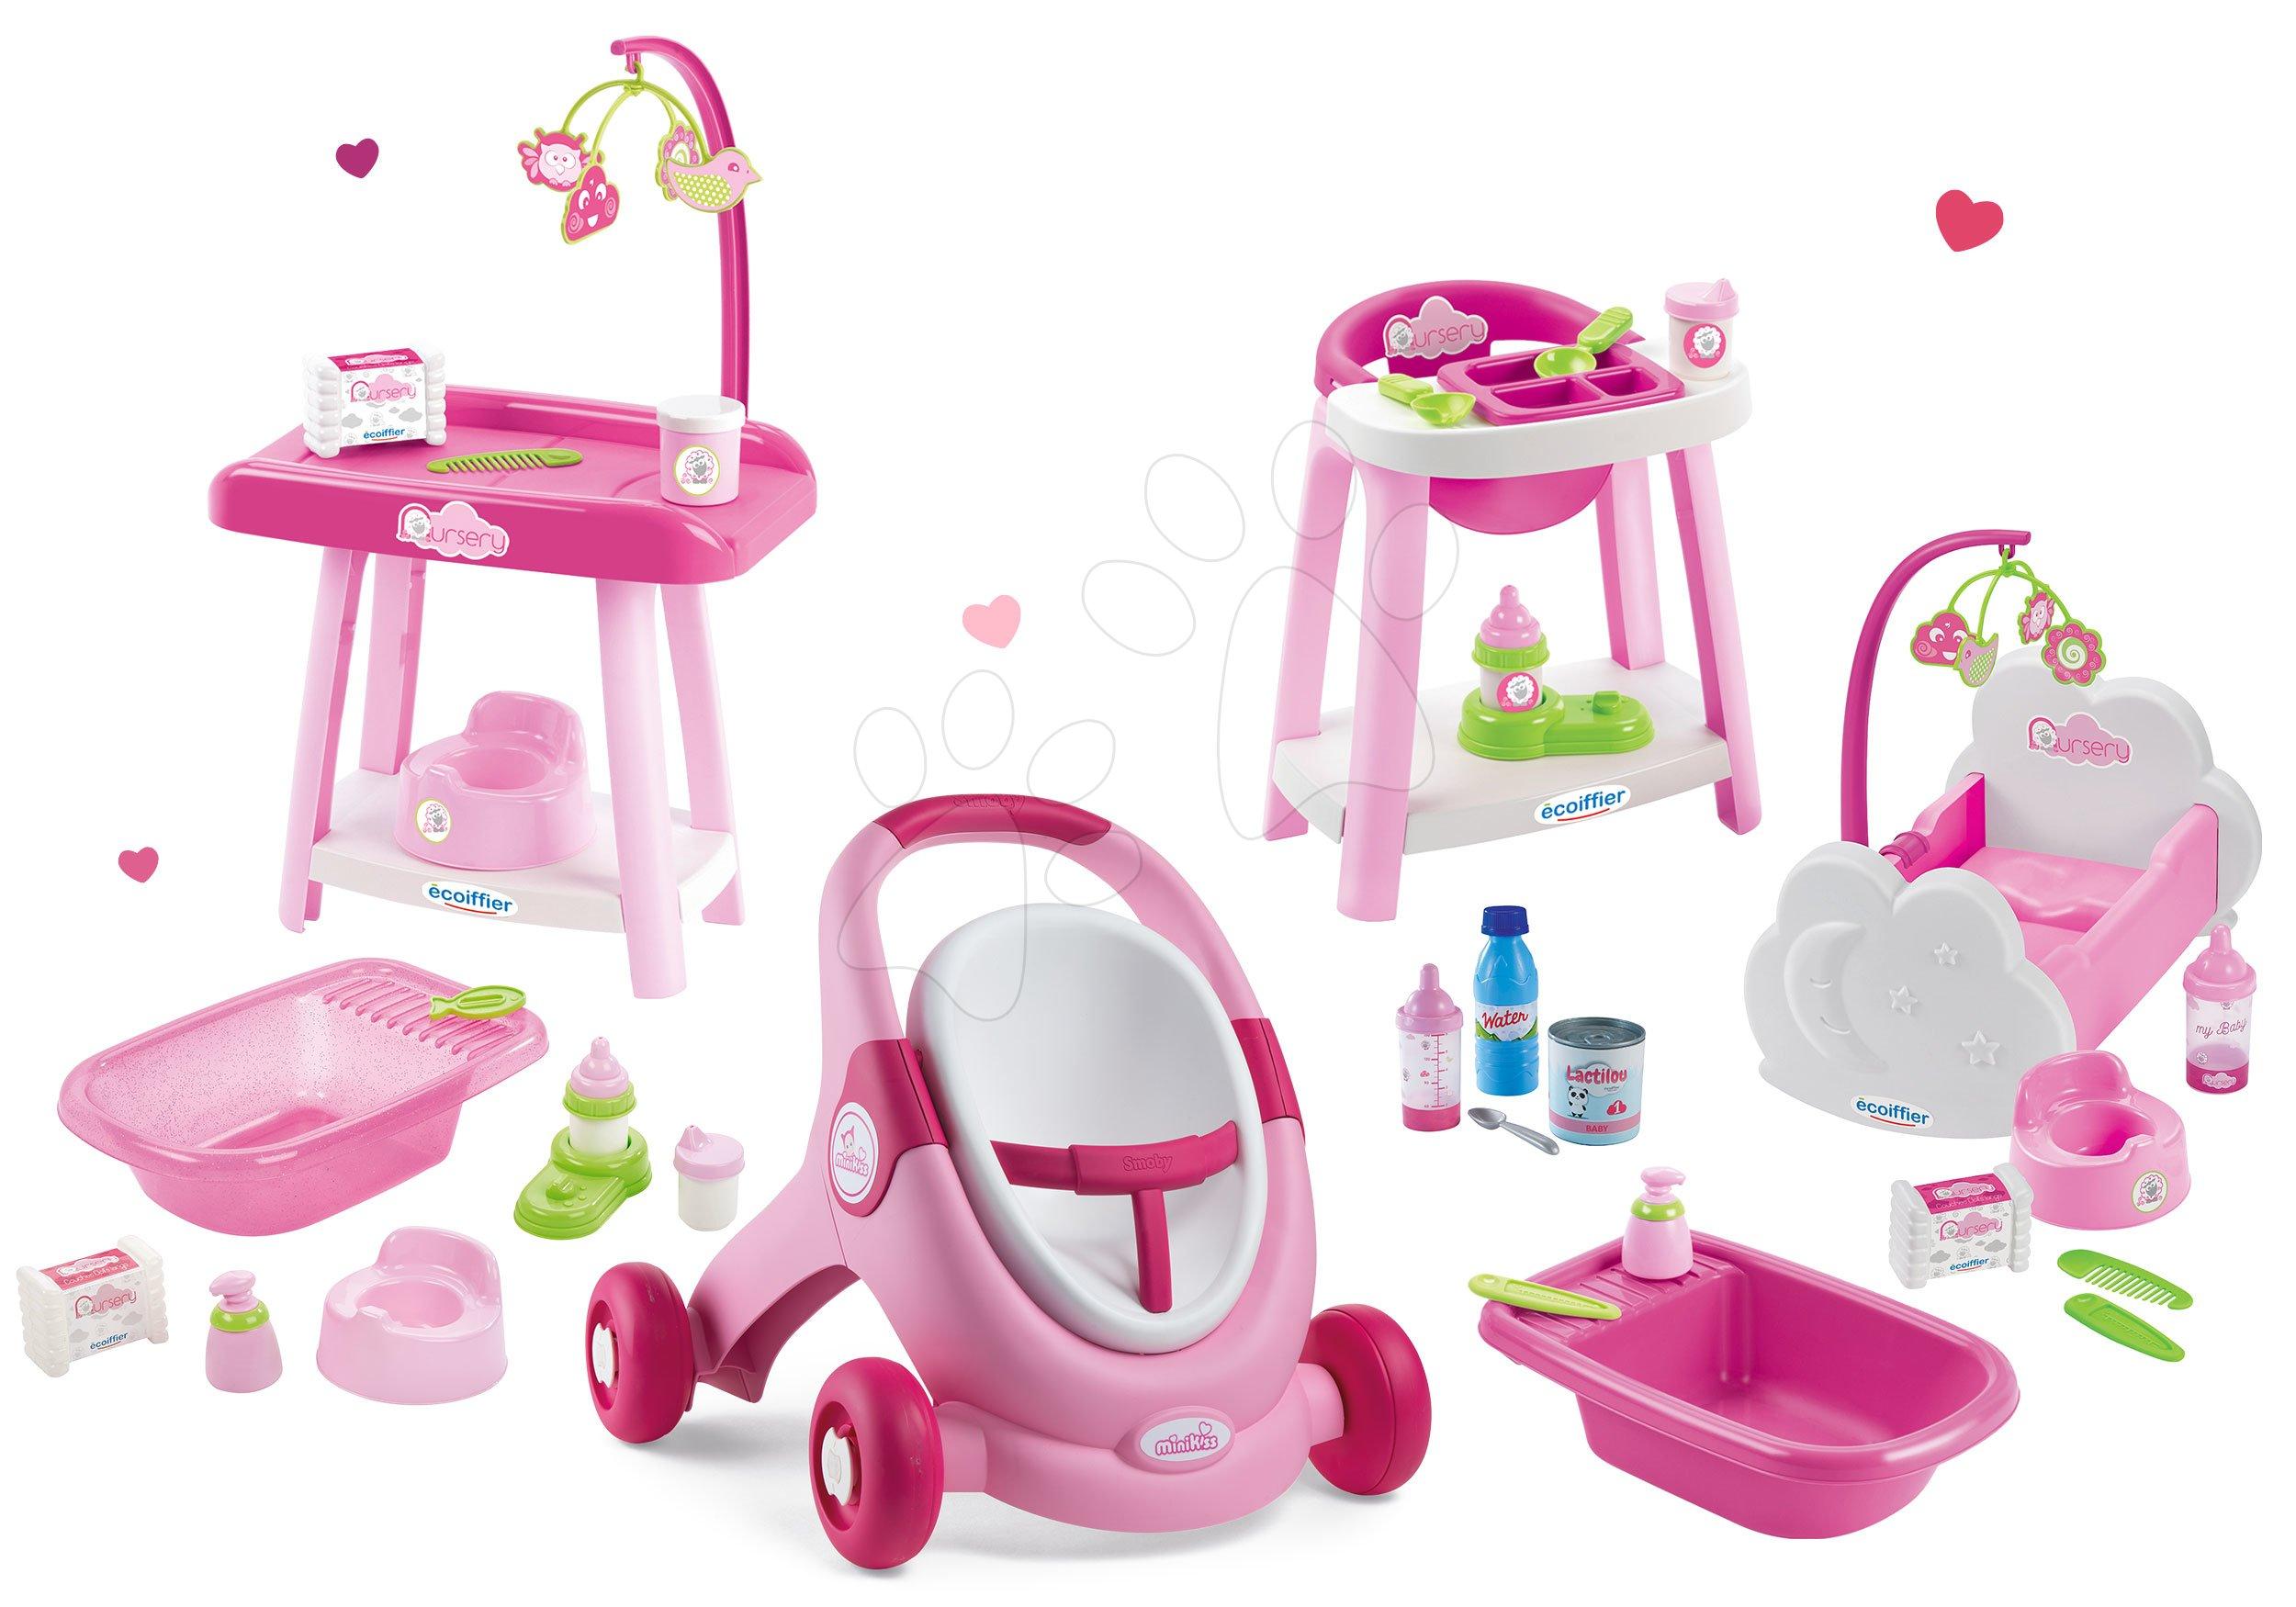 Set chodítko a kočárek pro panenku 3v1 MiniKiss Smoby s pečovatelským pultem se židlí a kolébka s vaničkou